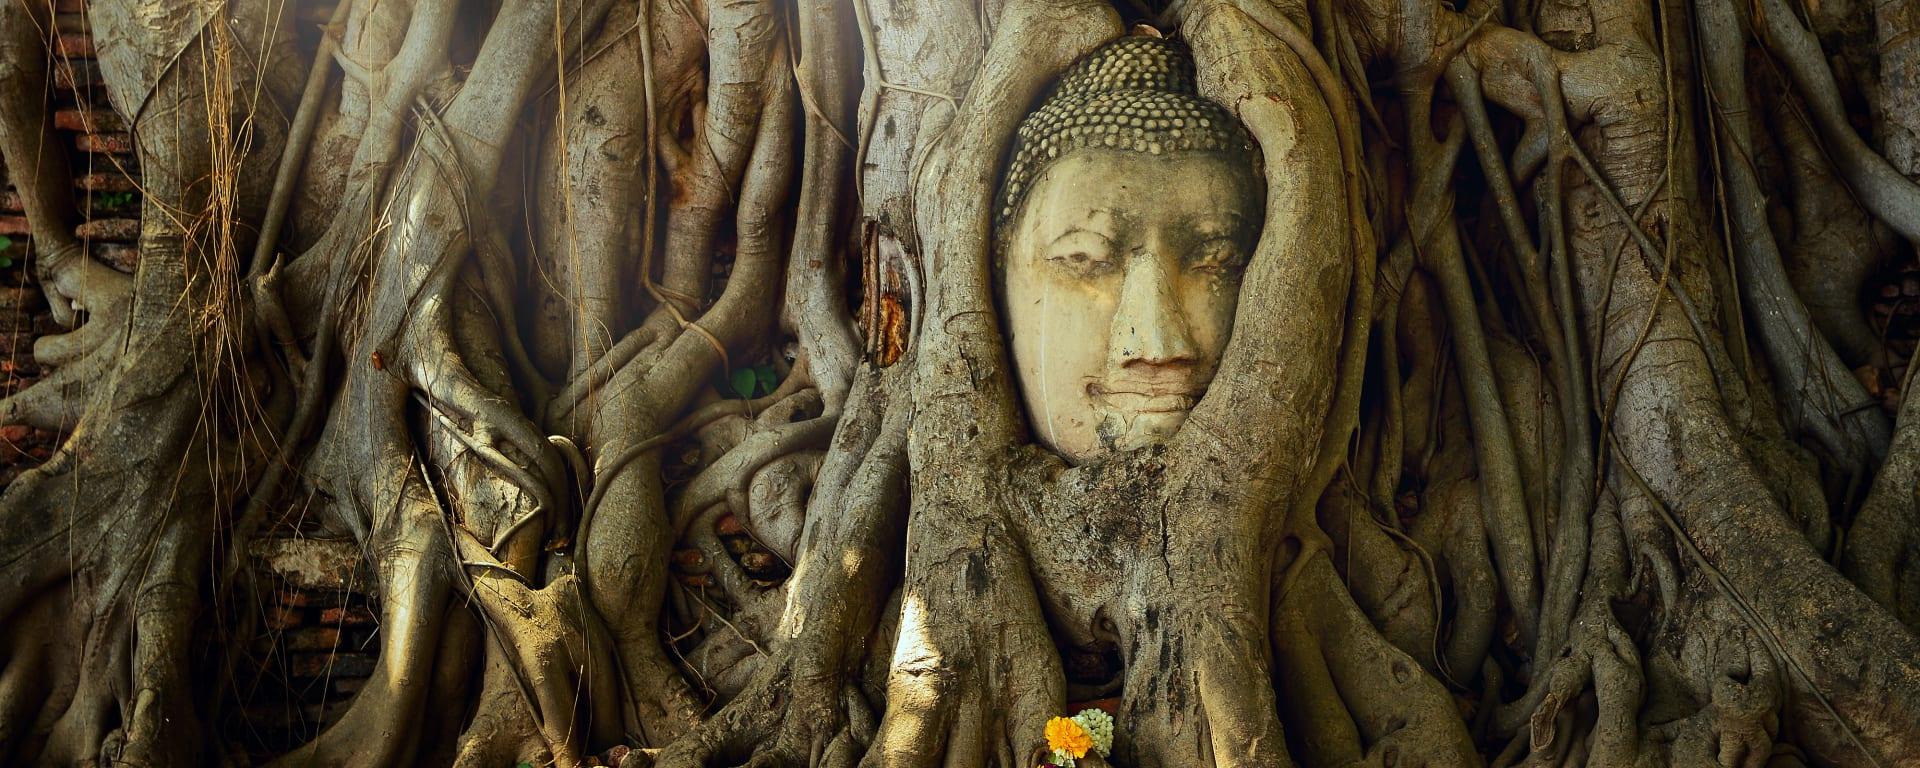 Thailand entdecken mit Tischler Reisen: Thailand Ayutthaya Wat Mahathat